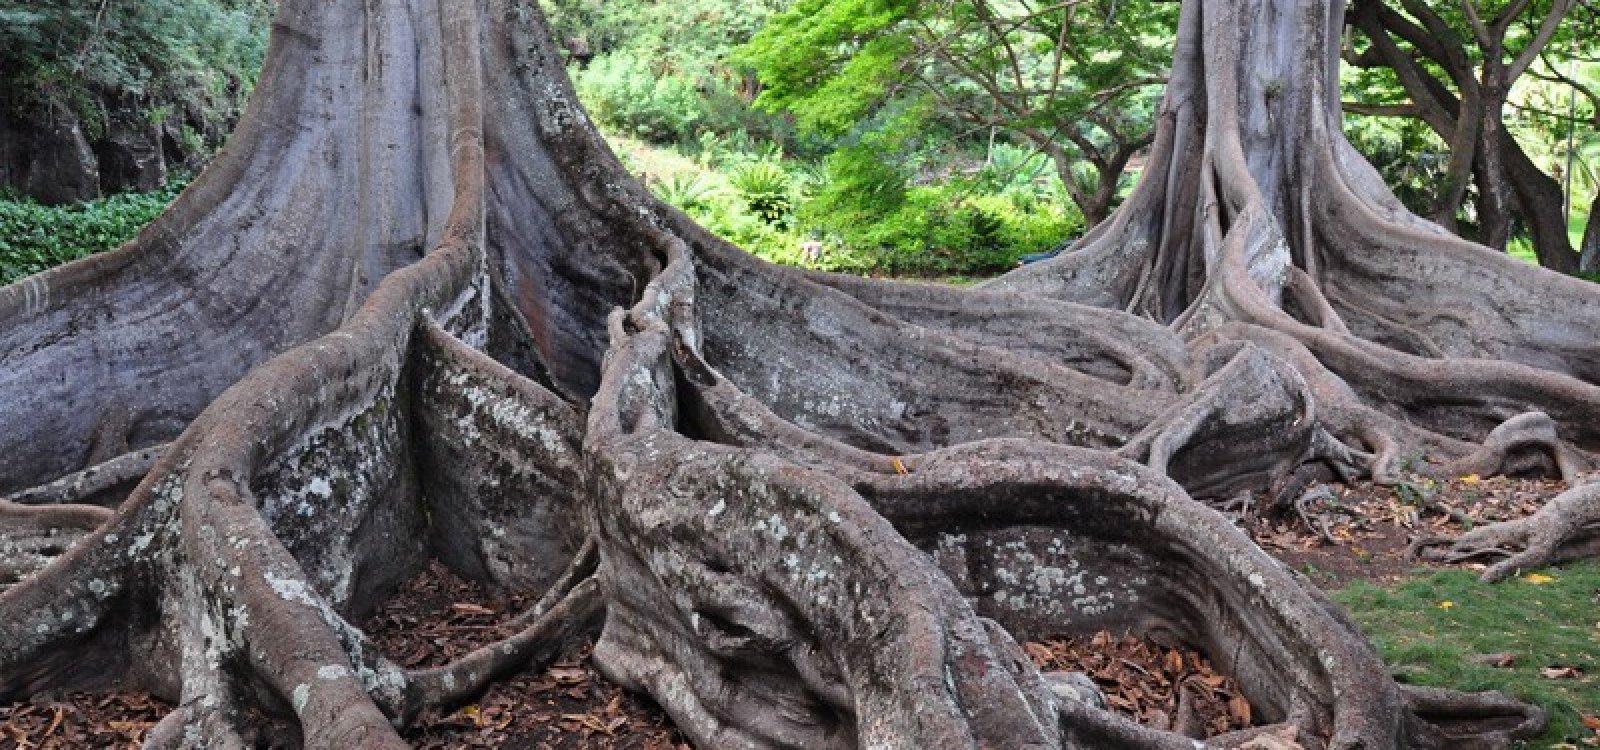 allerton garden reviews. national tropical botanical garden photo gallery allerton reviews